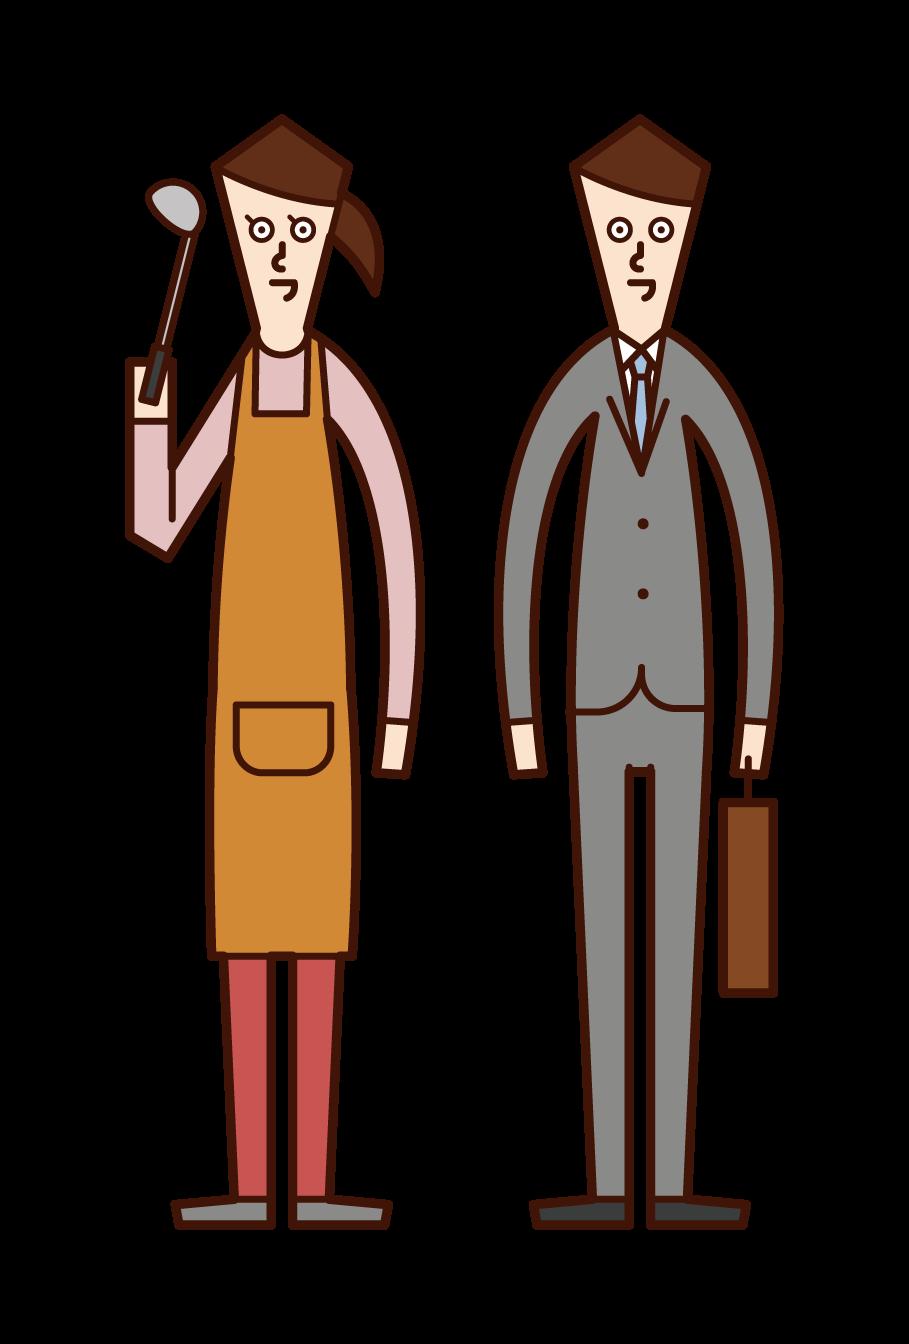 전업주부(여성)와 회사 직원(남성)의 아내 일러스트